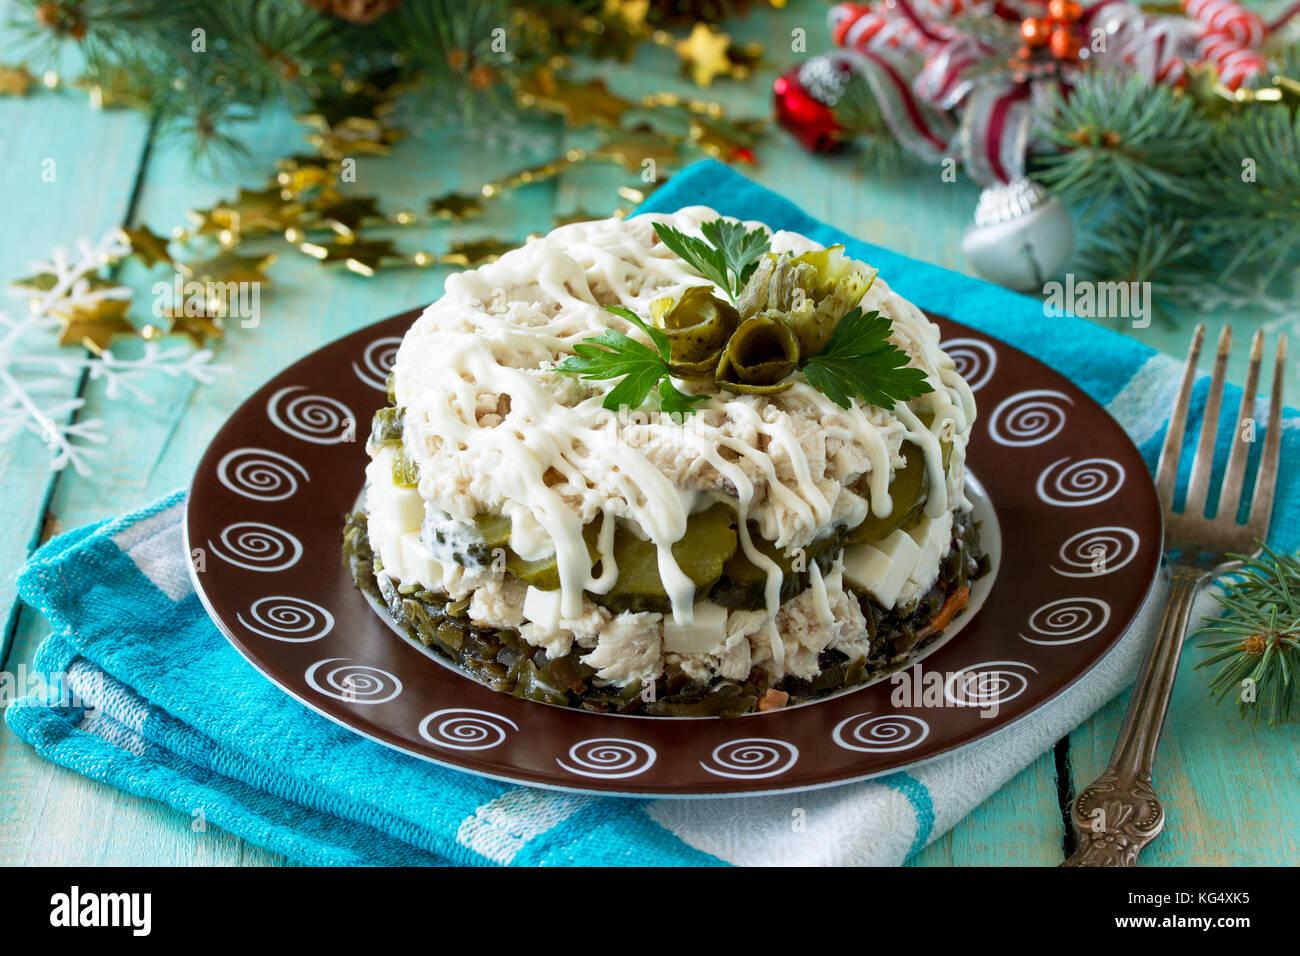 Accueil snack sur la table en bois. Cuisine avec salade de poulet, le riz et le chou de mer. Photo Stock